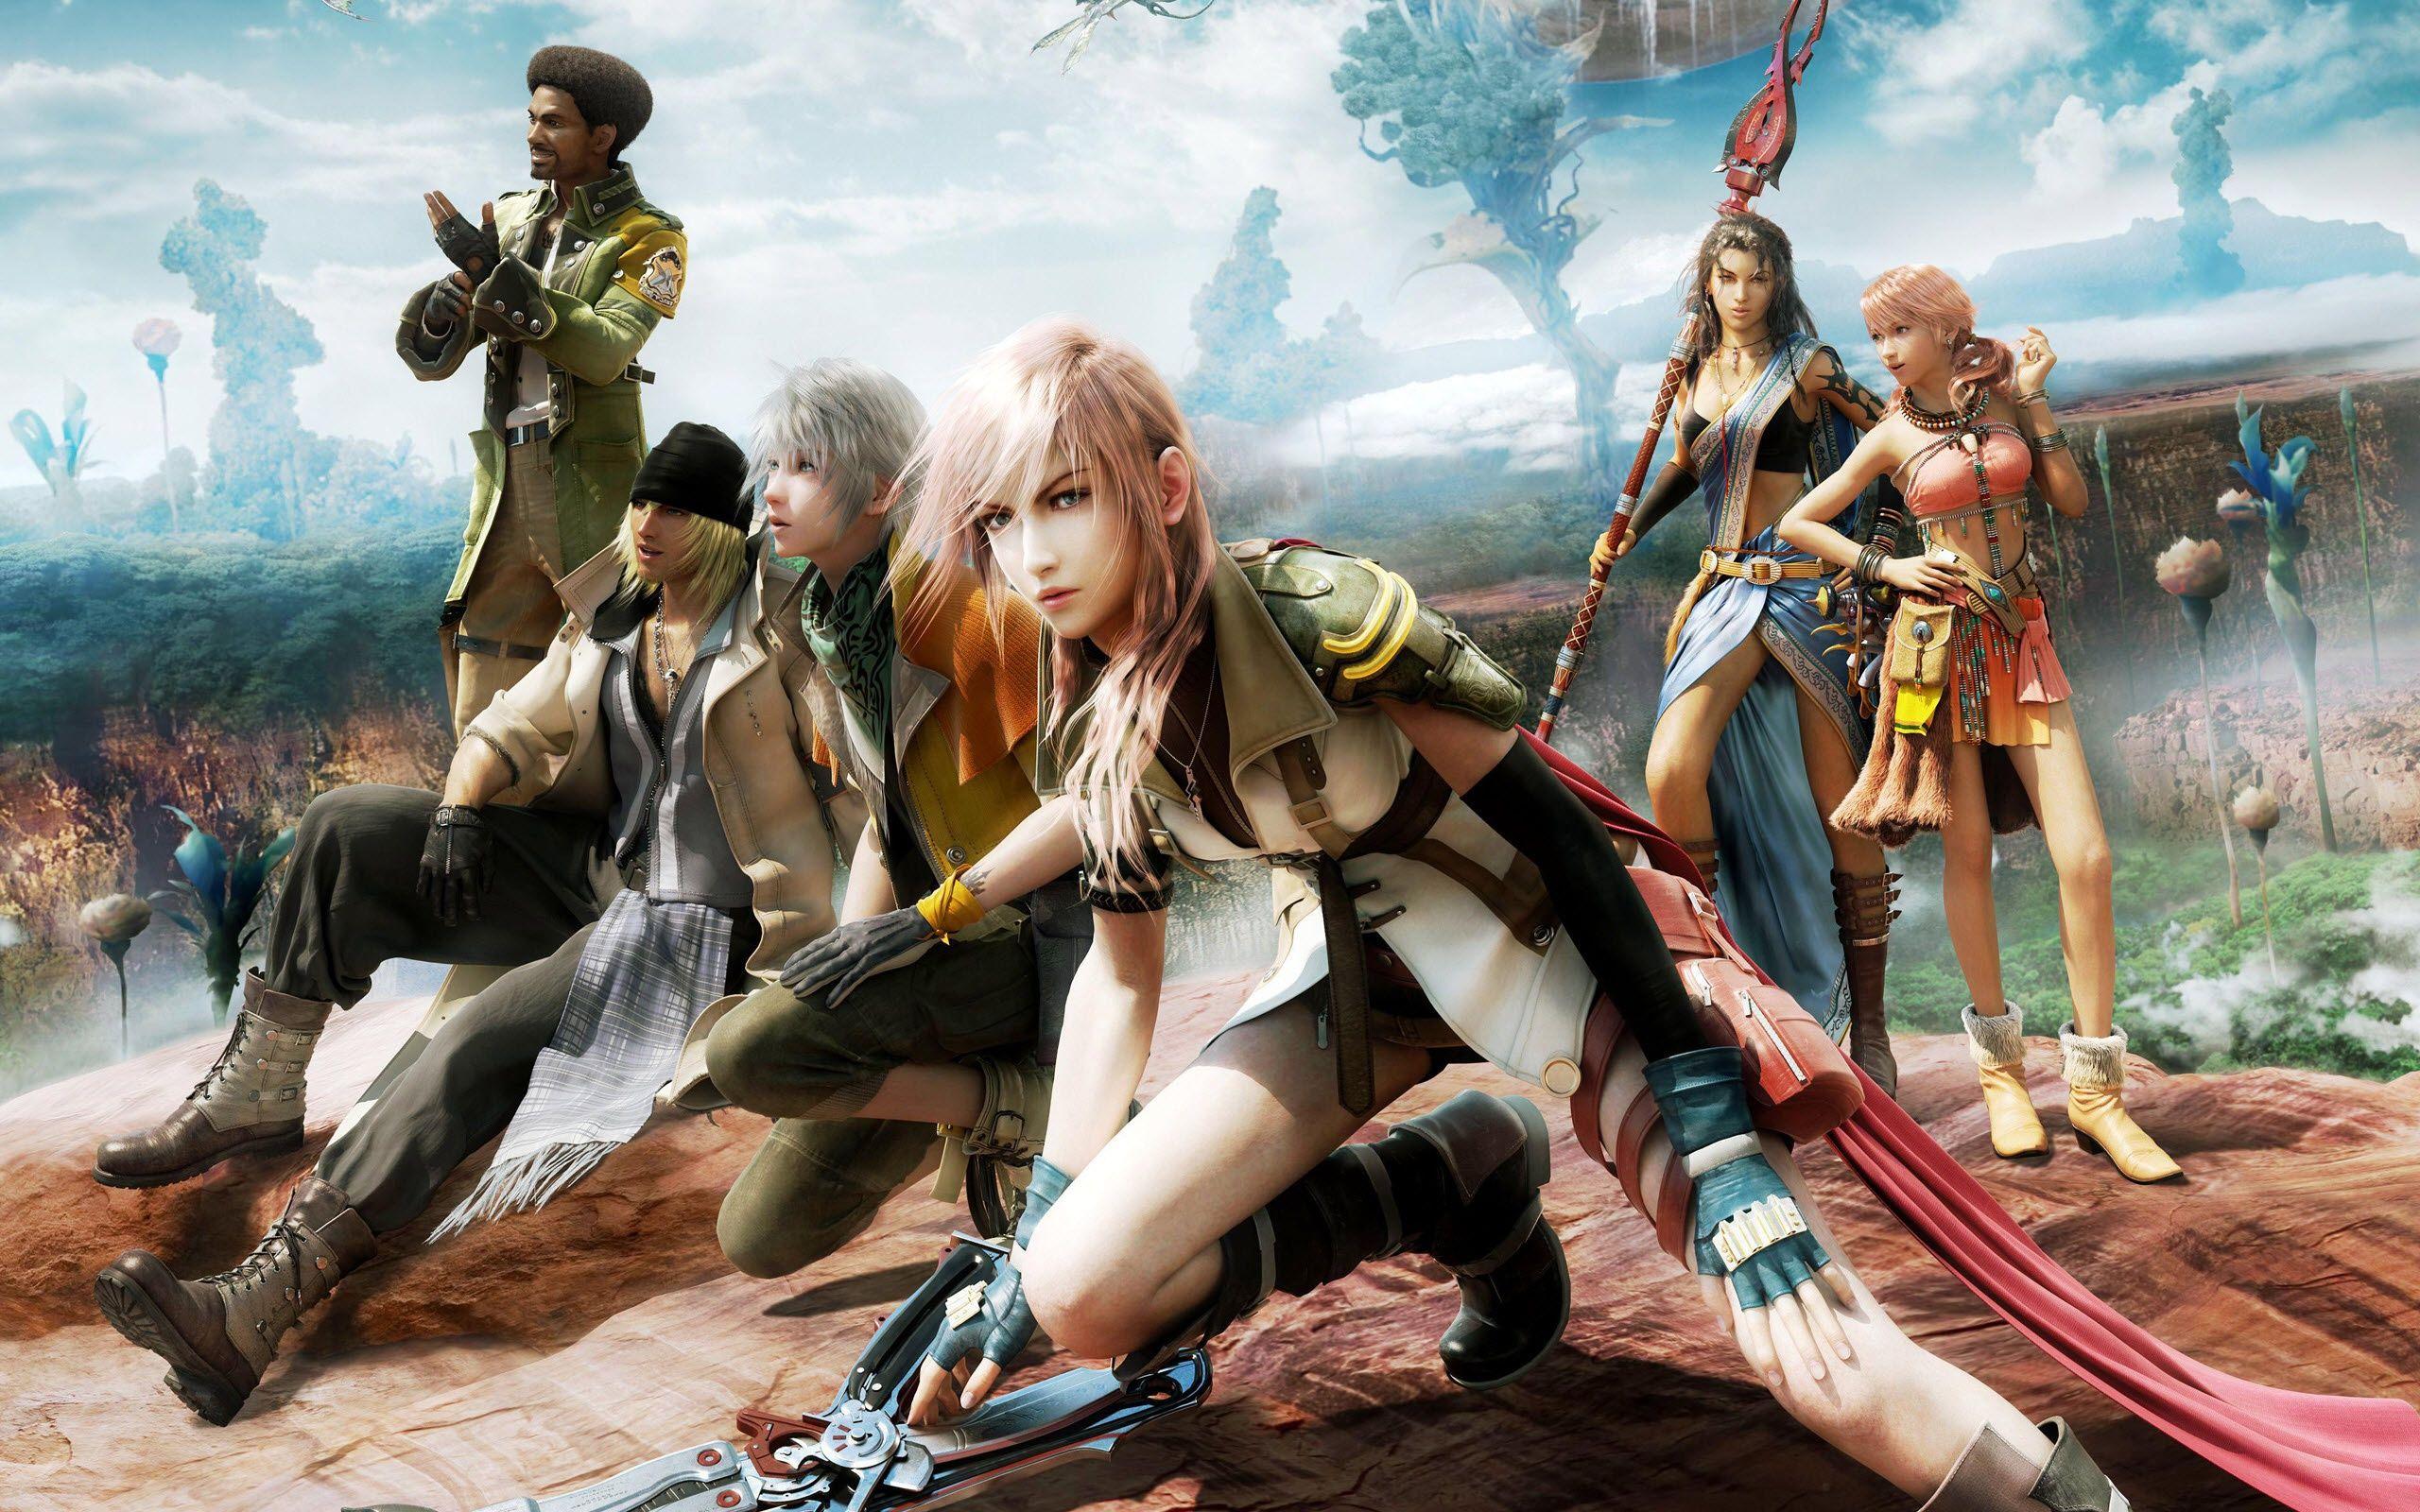 世界中で大ヒットするRPG「ファイナルファンタジー」シリーズの人気の秘密と制作秘話とは